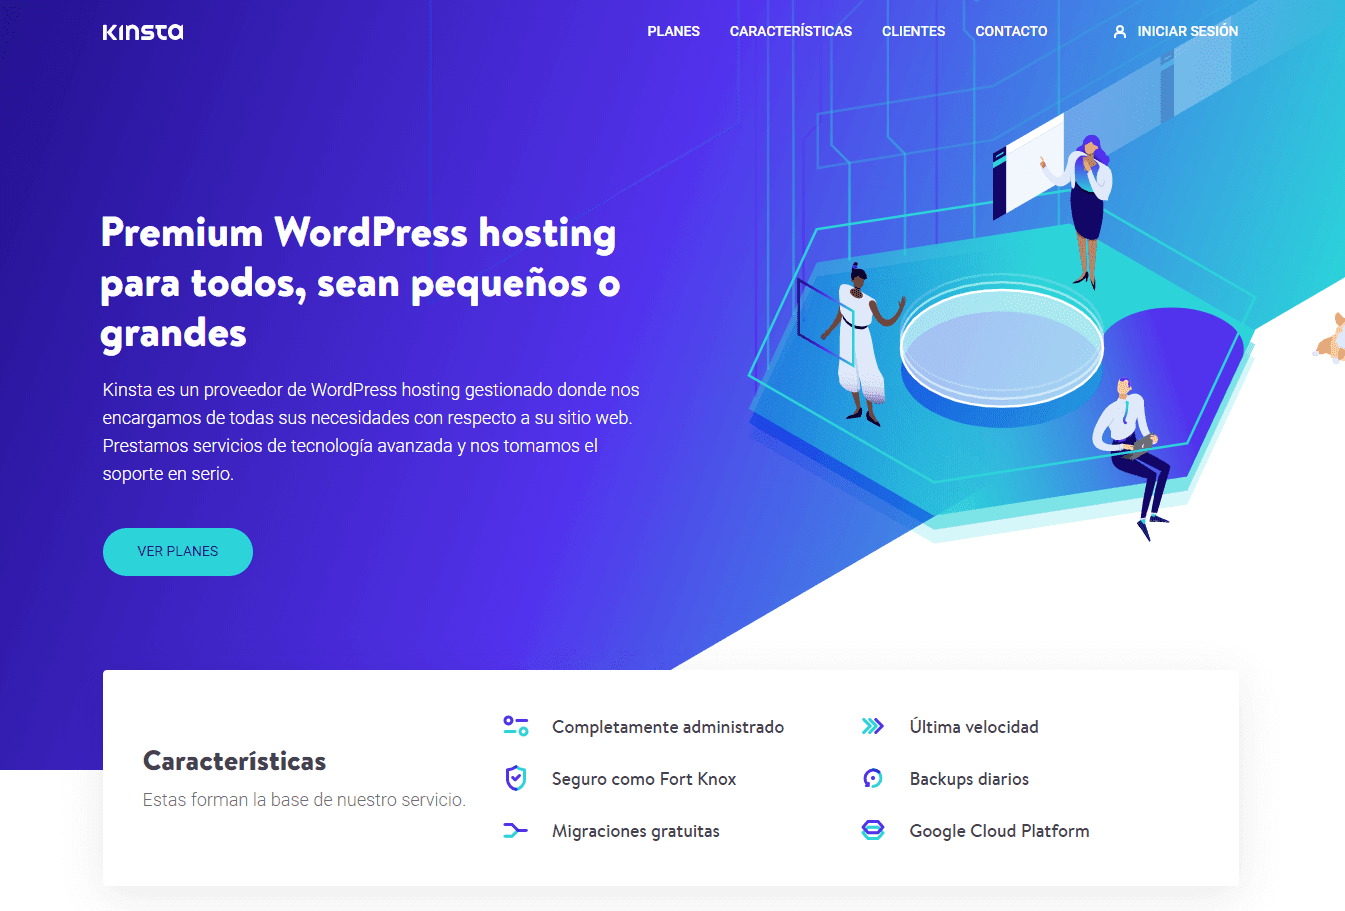 Die Kinsta-Startseite auf Spanisch